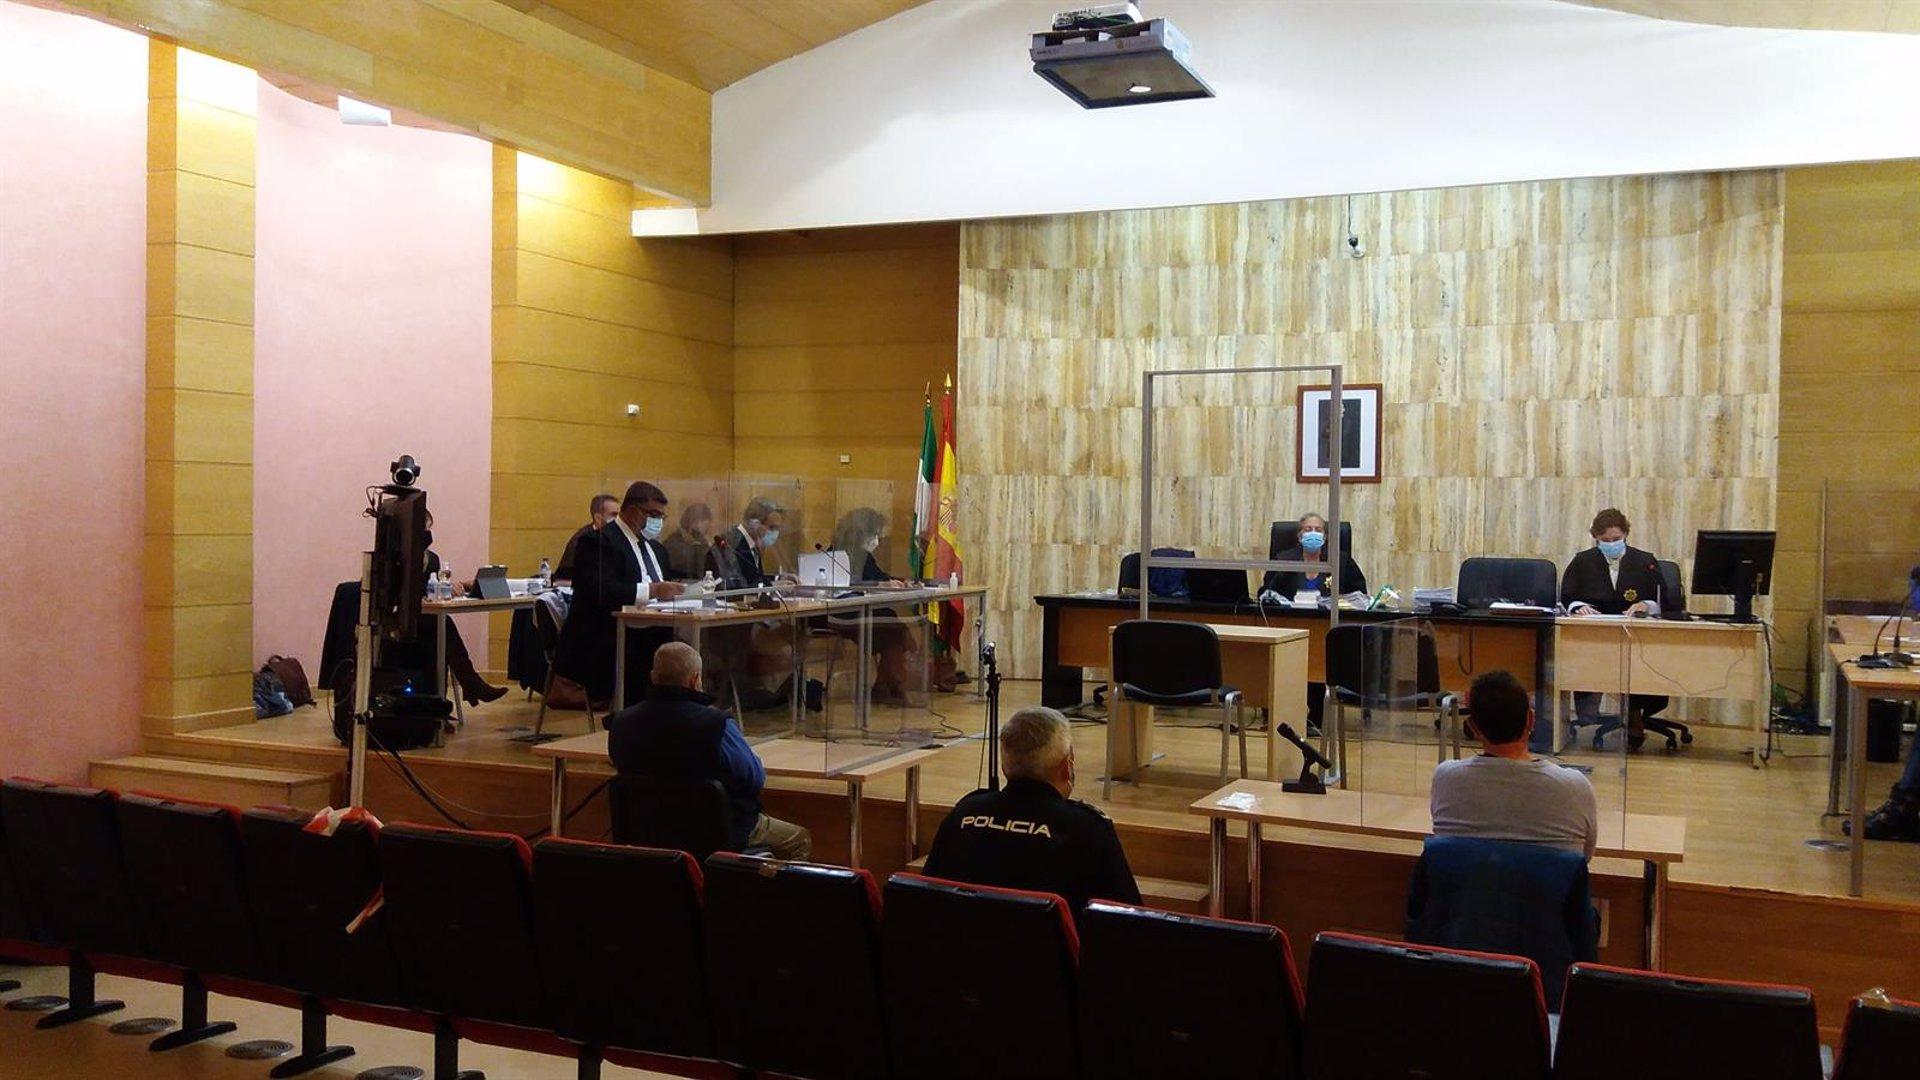 La fiscal rebaja a 24 años la petición de cárcel para el supuesto asesino de su mujer en Guadix